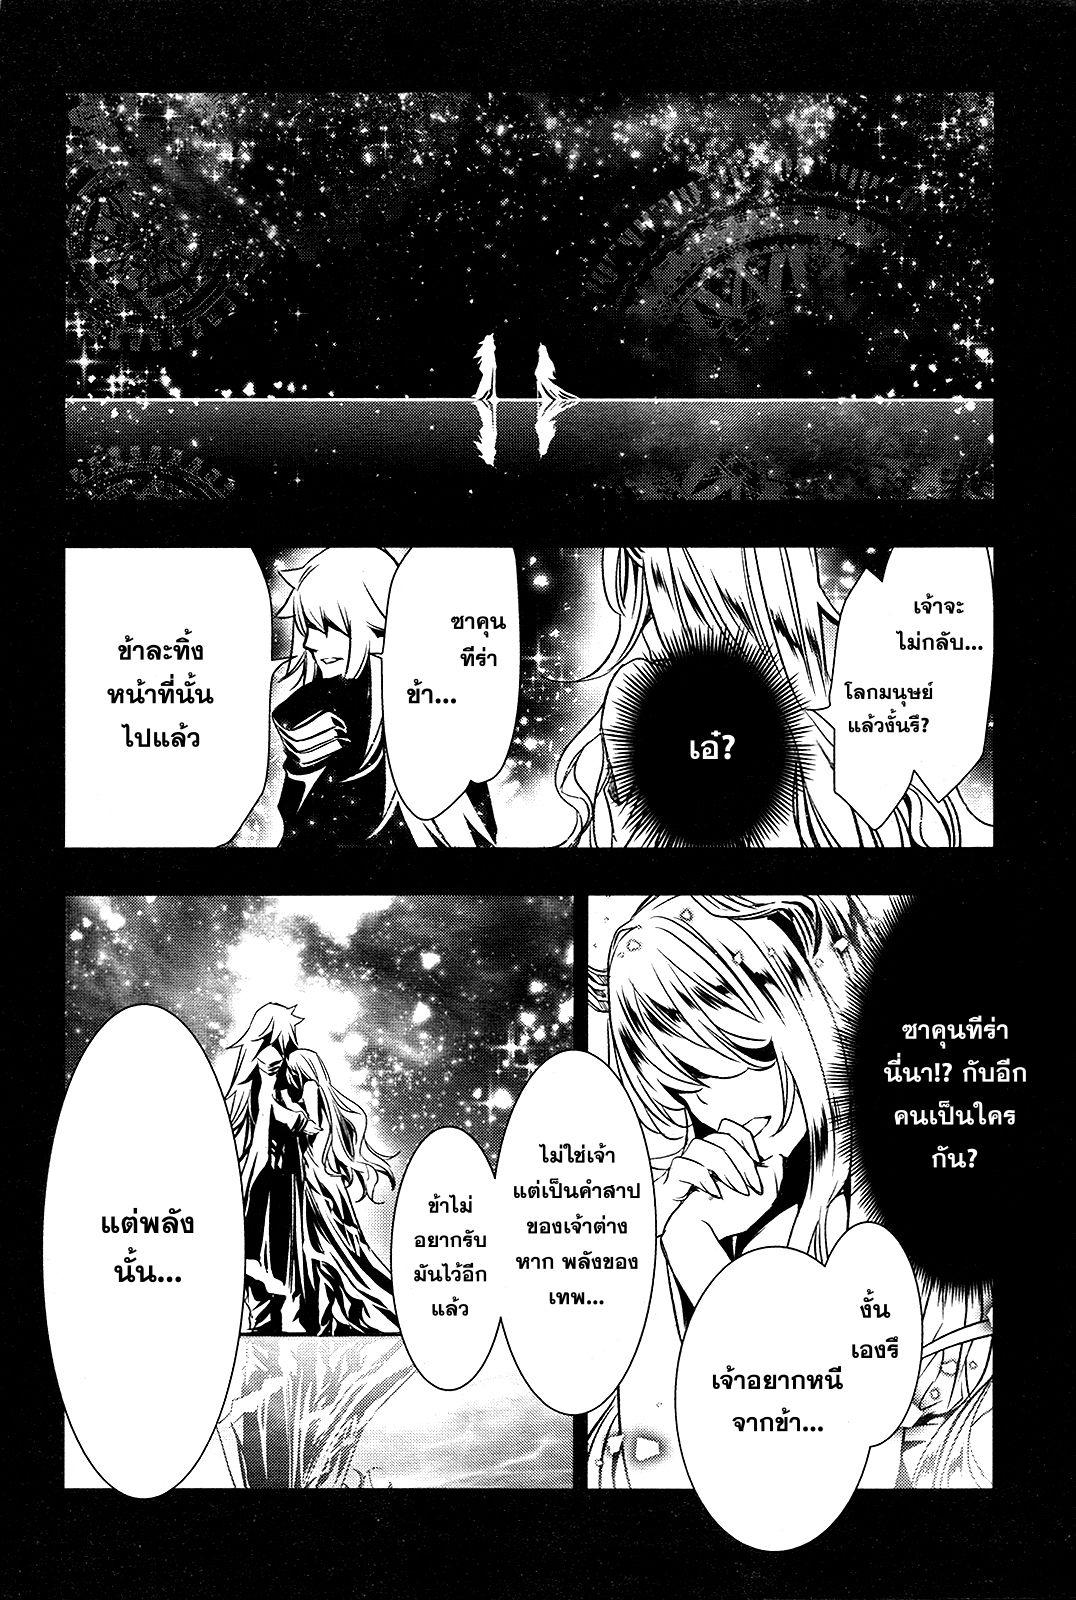 อ่านการ์ตูน Shinju no Nectar ตอนที่ 4 หน้าที่ 30